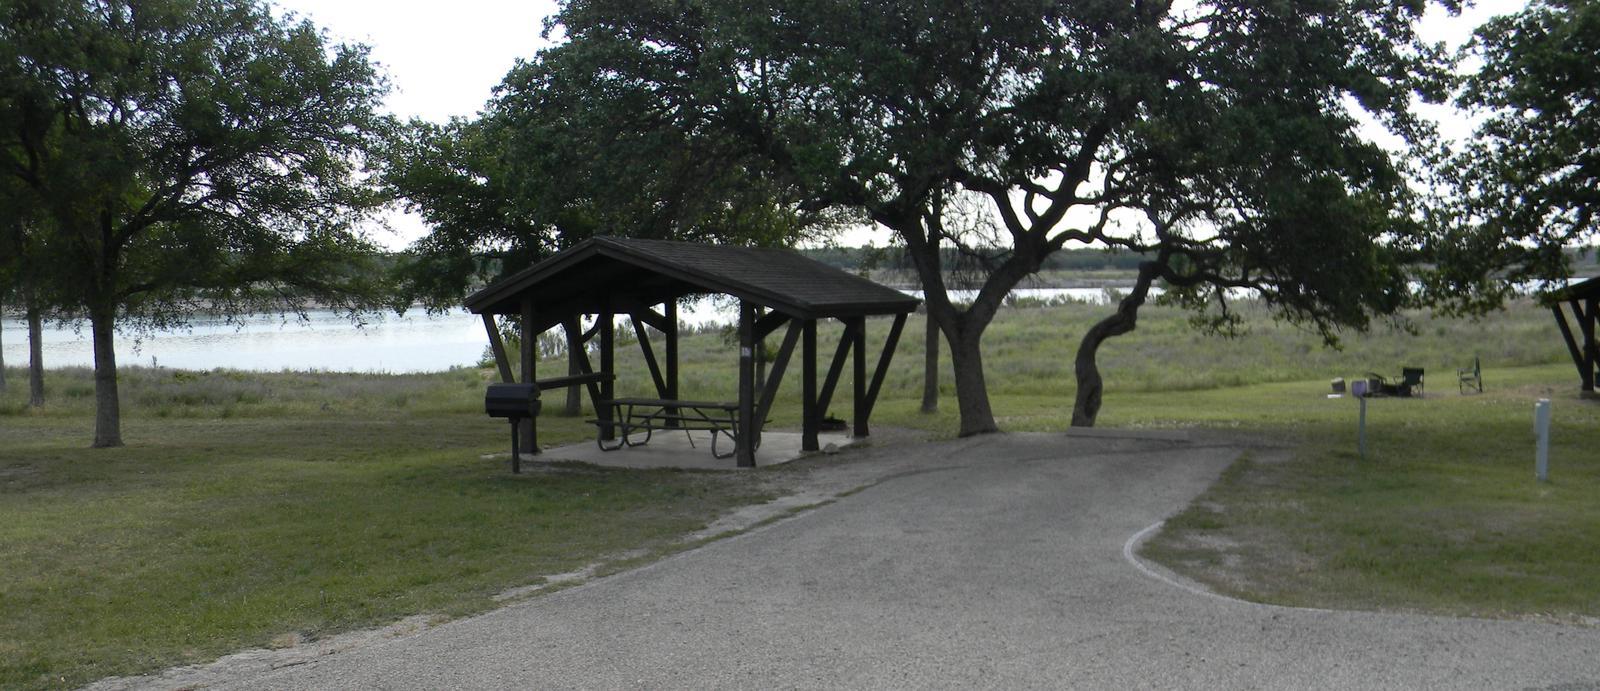 Site 15